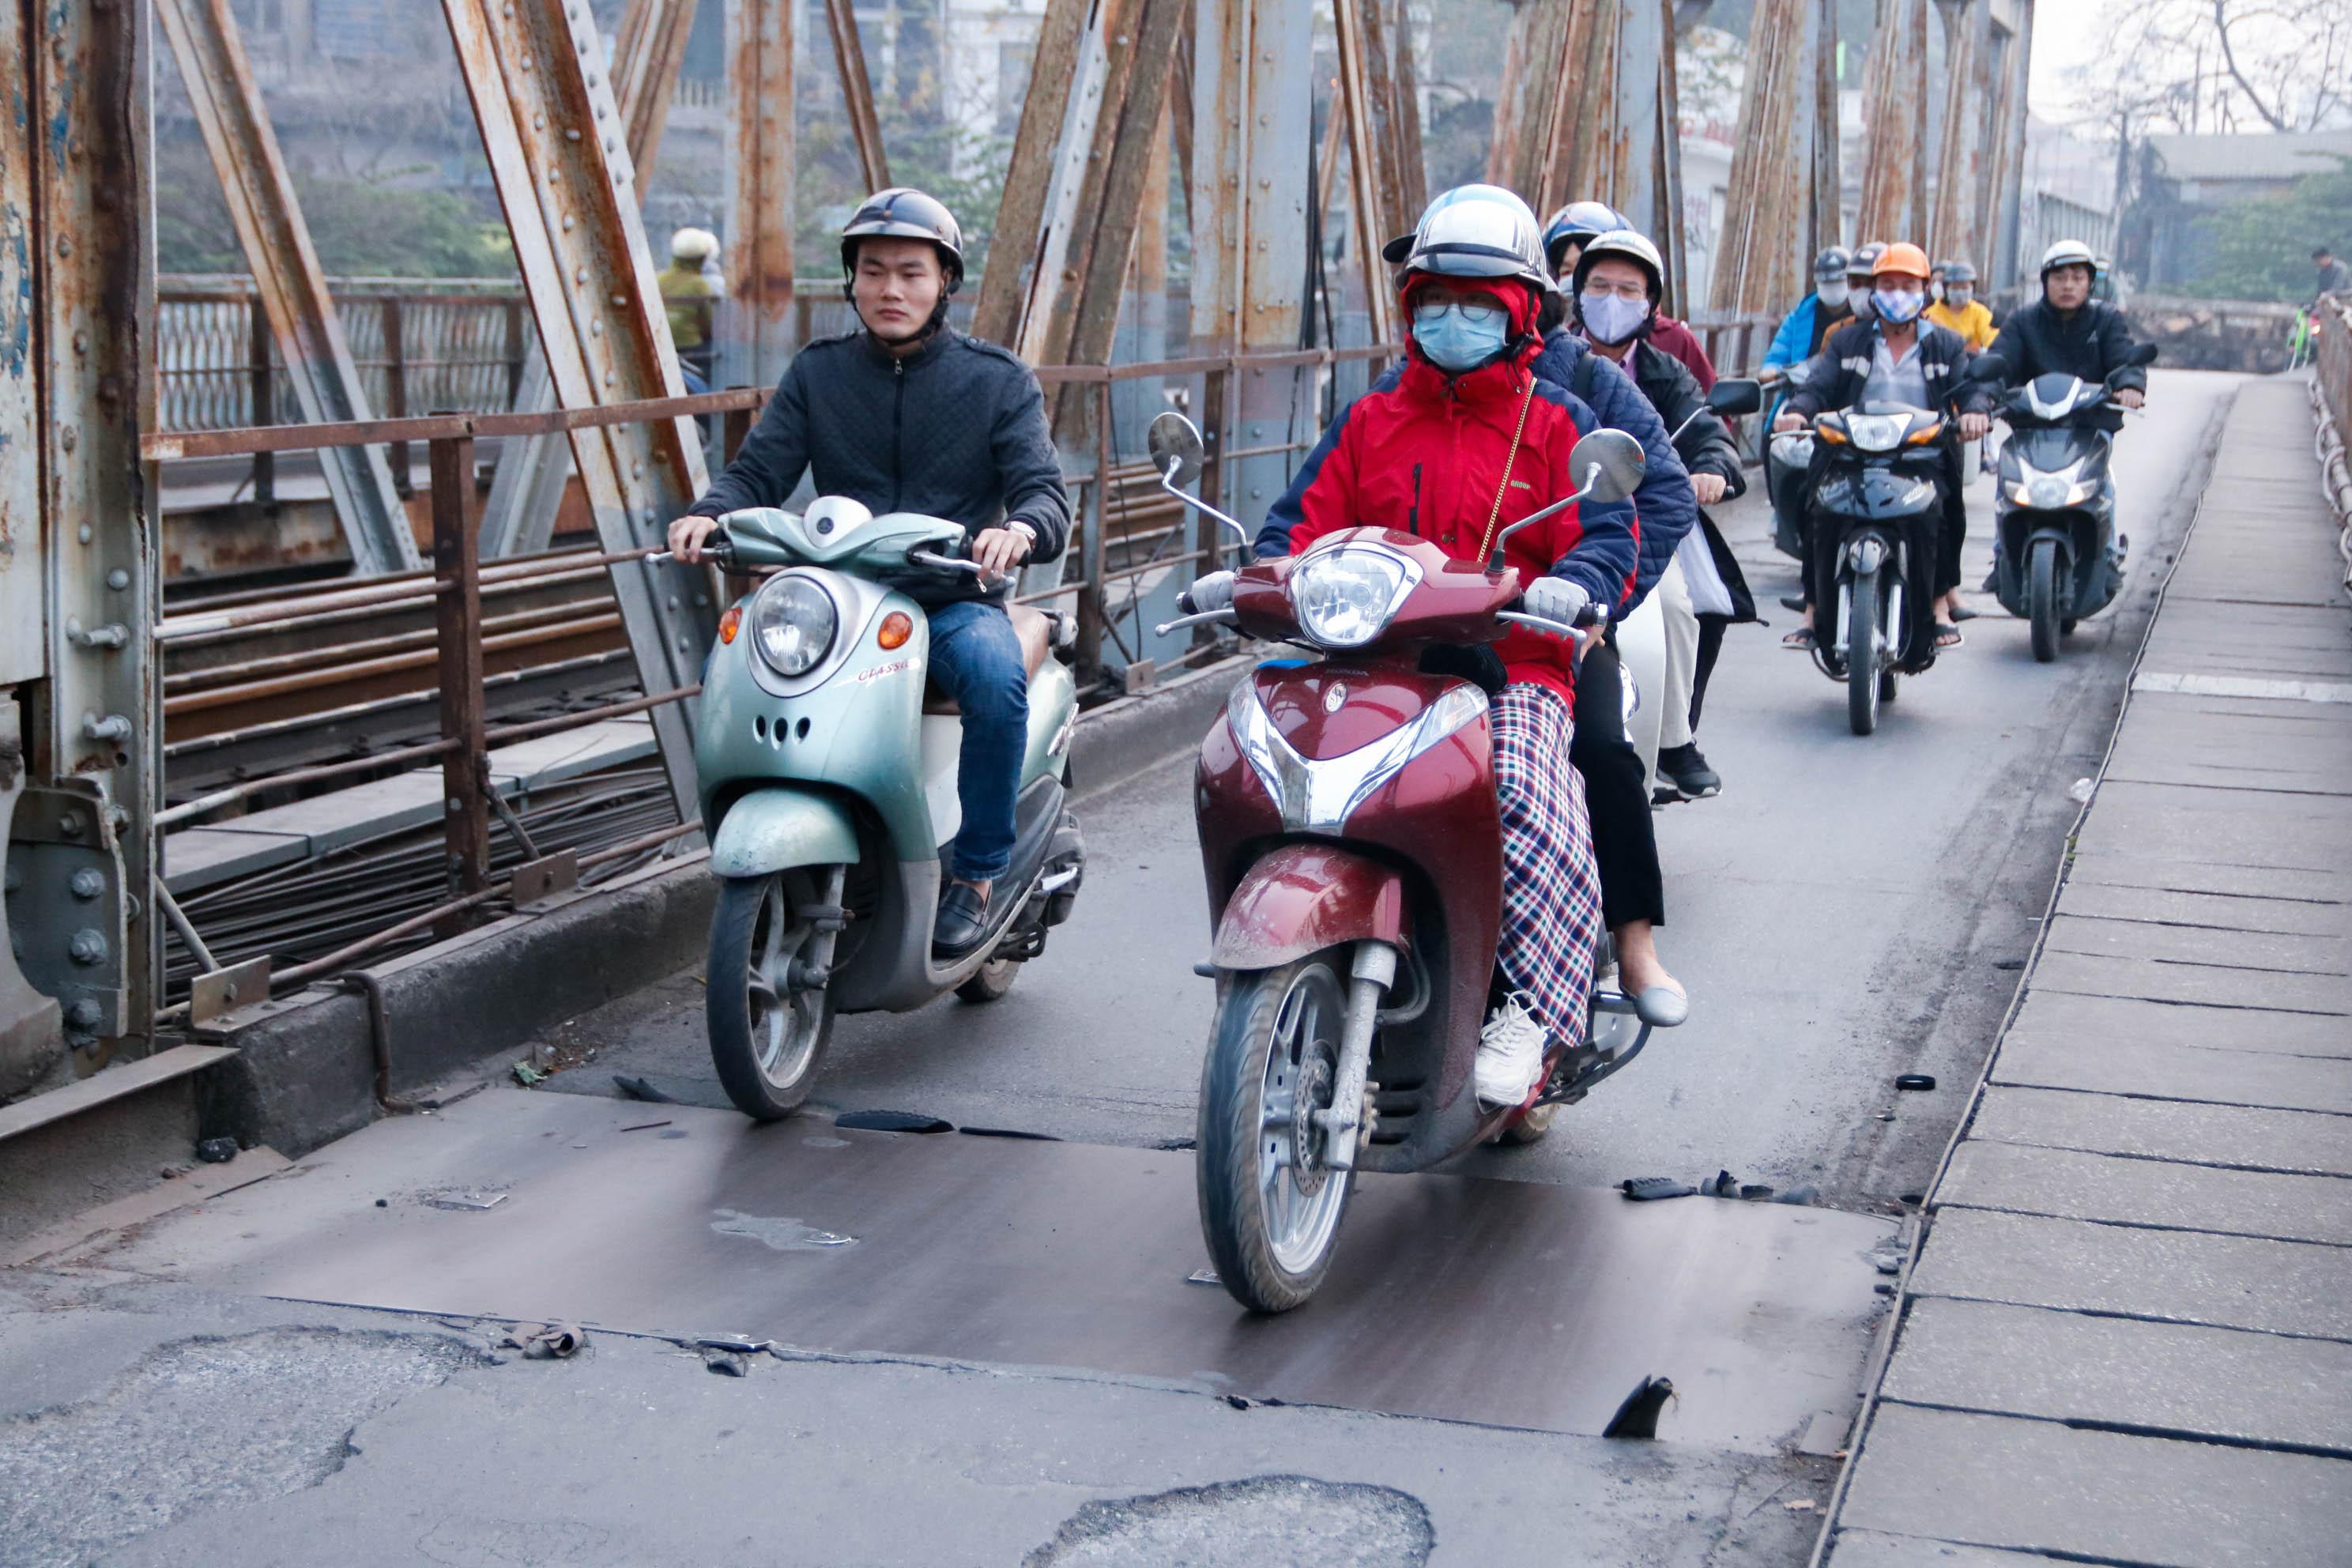 Cầu Long Biên xuống cấp đến không ngờ, mặt đường bị cày xới khiến người dân đi lại gặp nhiều khó khăn - Ảnh 19.